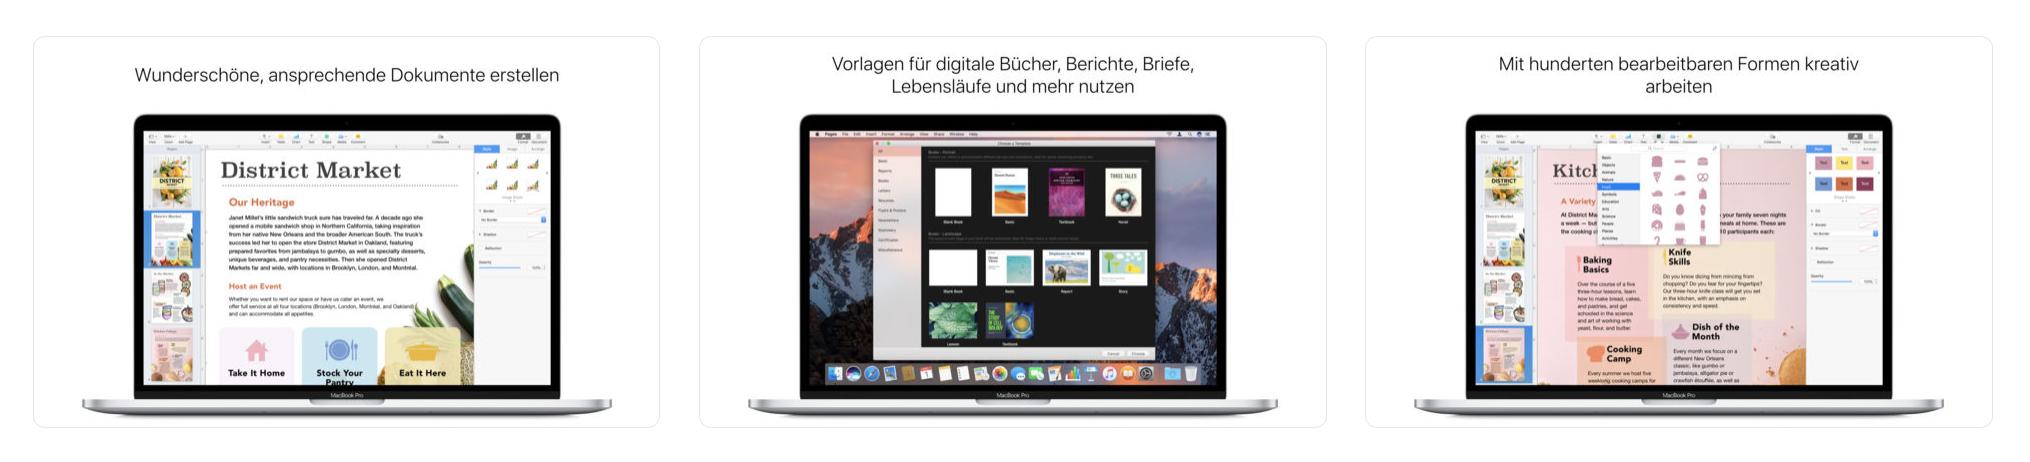 iWork: Updates für Mac und iOS nun verfügbar | News | MacTechNews.de